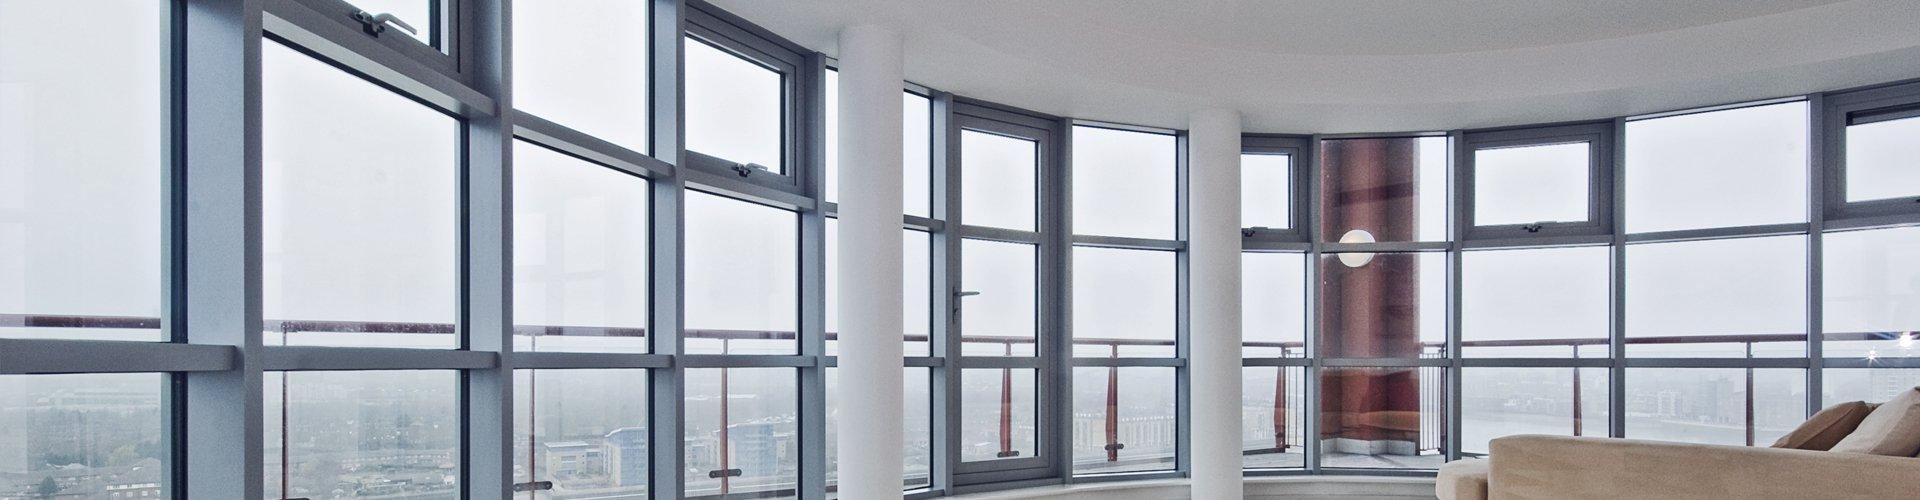 top-quality glazing work